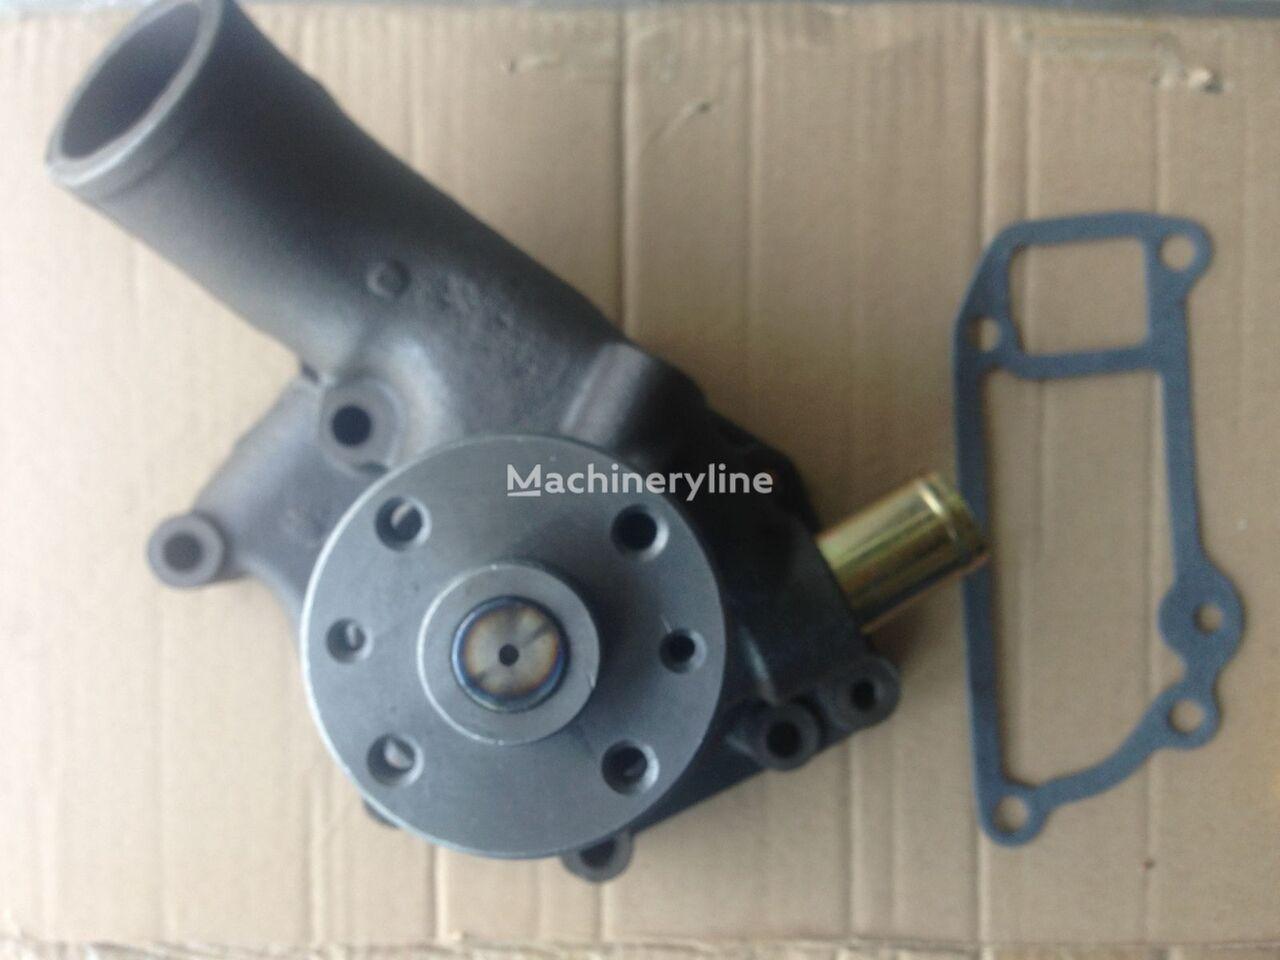 vodnaya pompa ( vodyanoy nasos ) spare parts for JCB 220 excavator